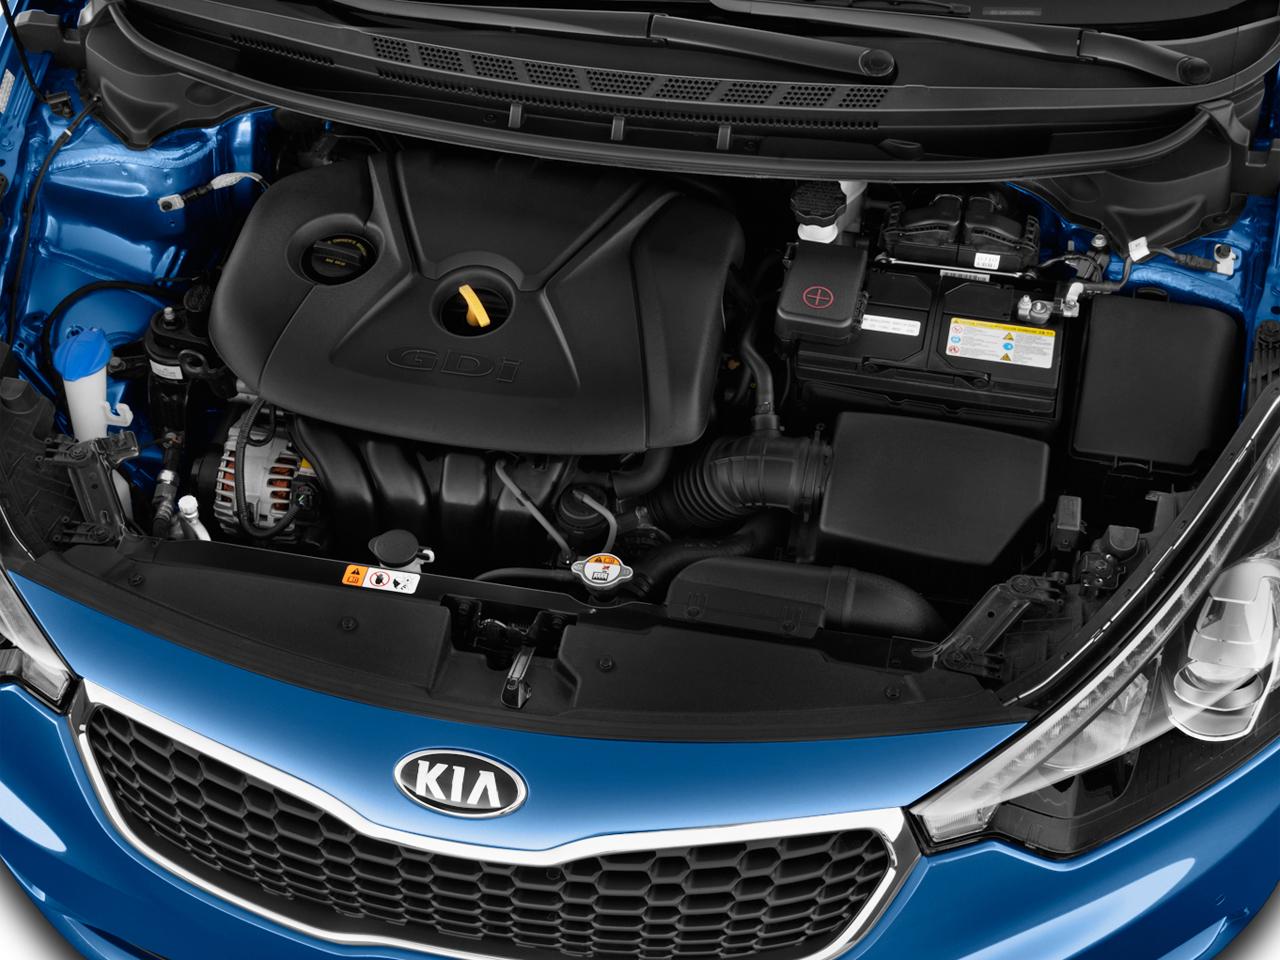 Hiệu suất của động cơ Kia Forte 2016 không tốt cho lắm